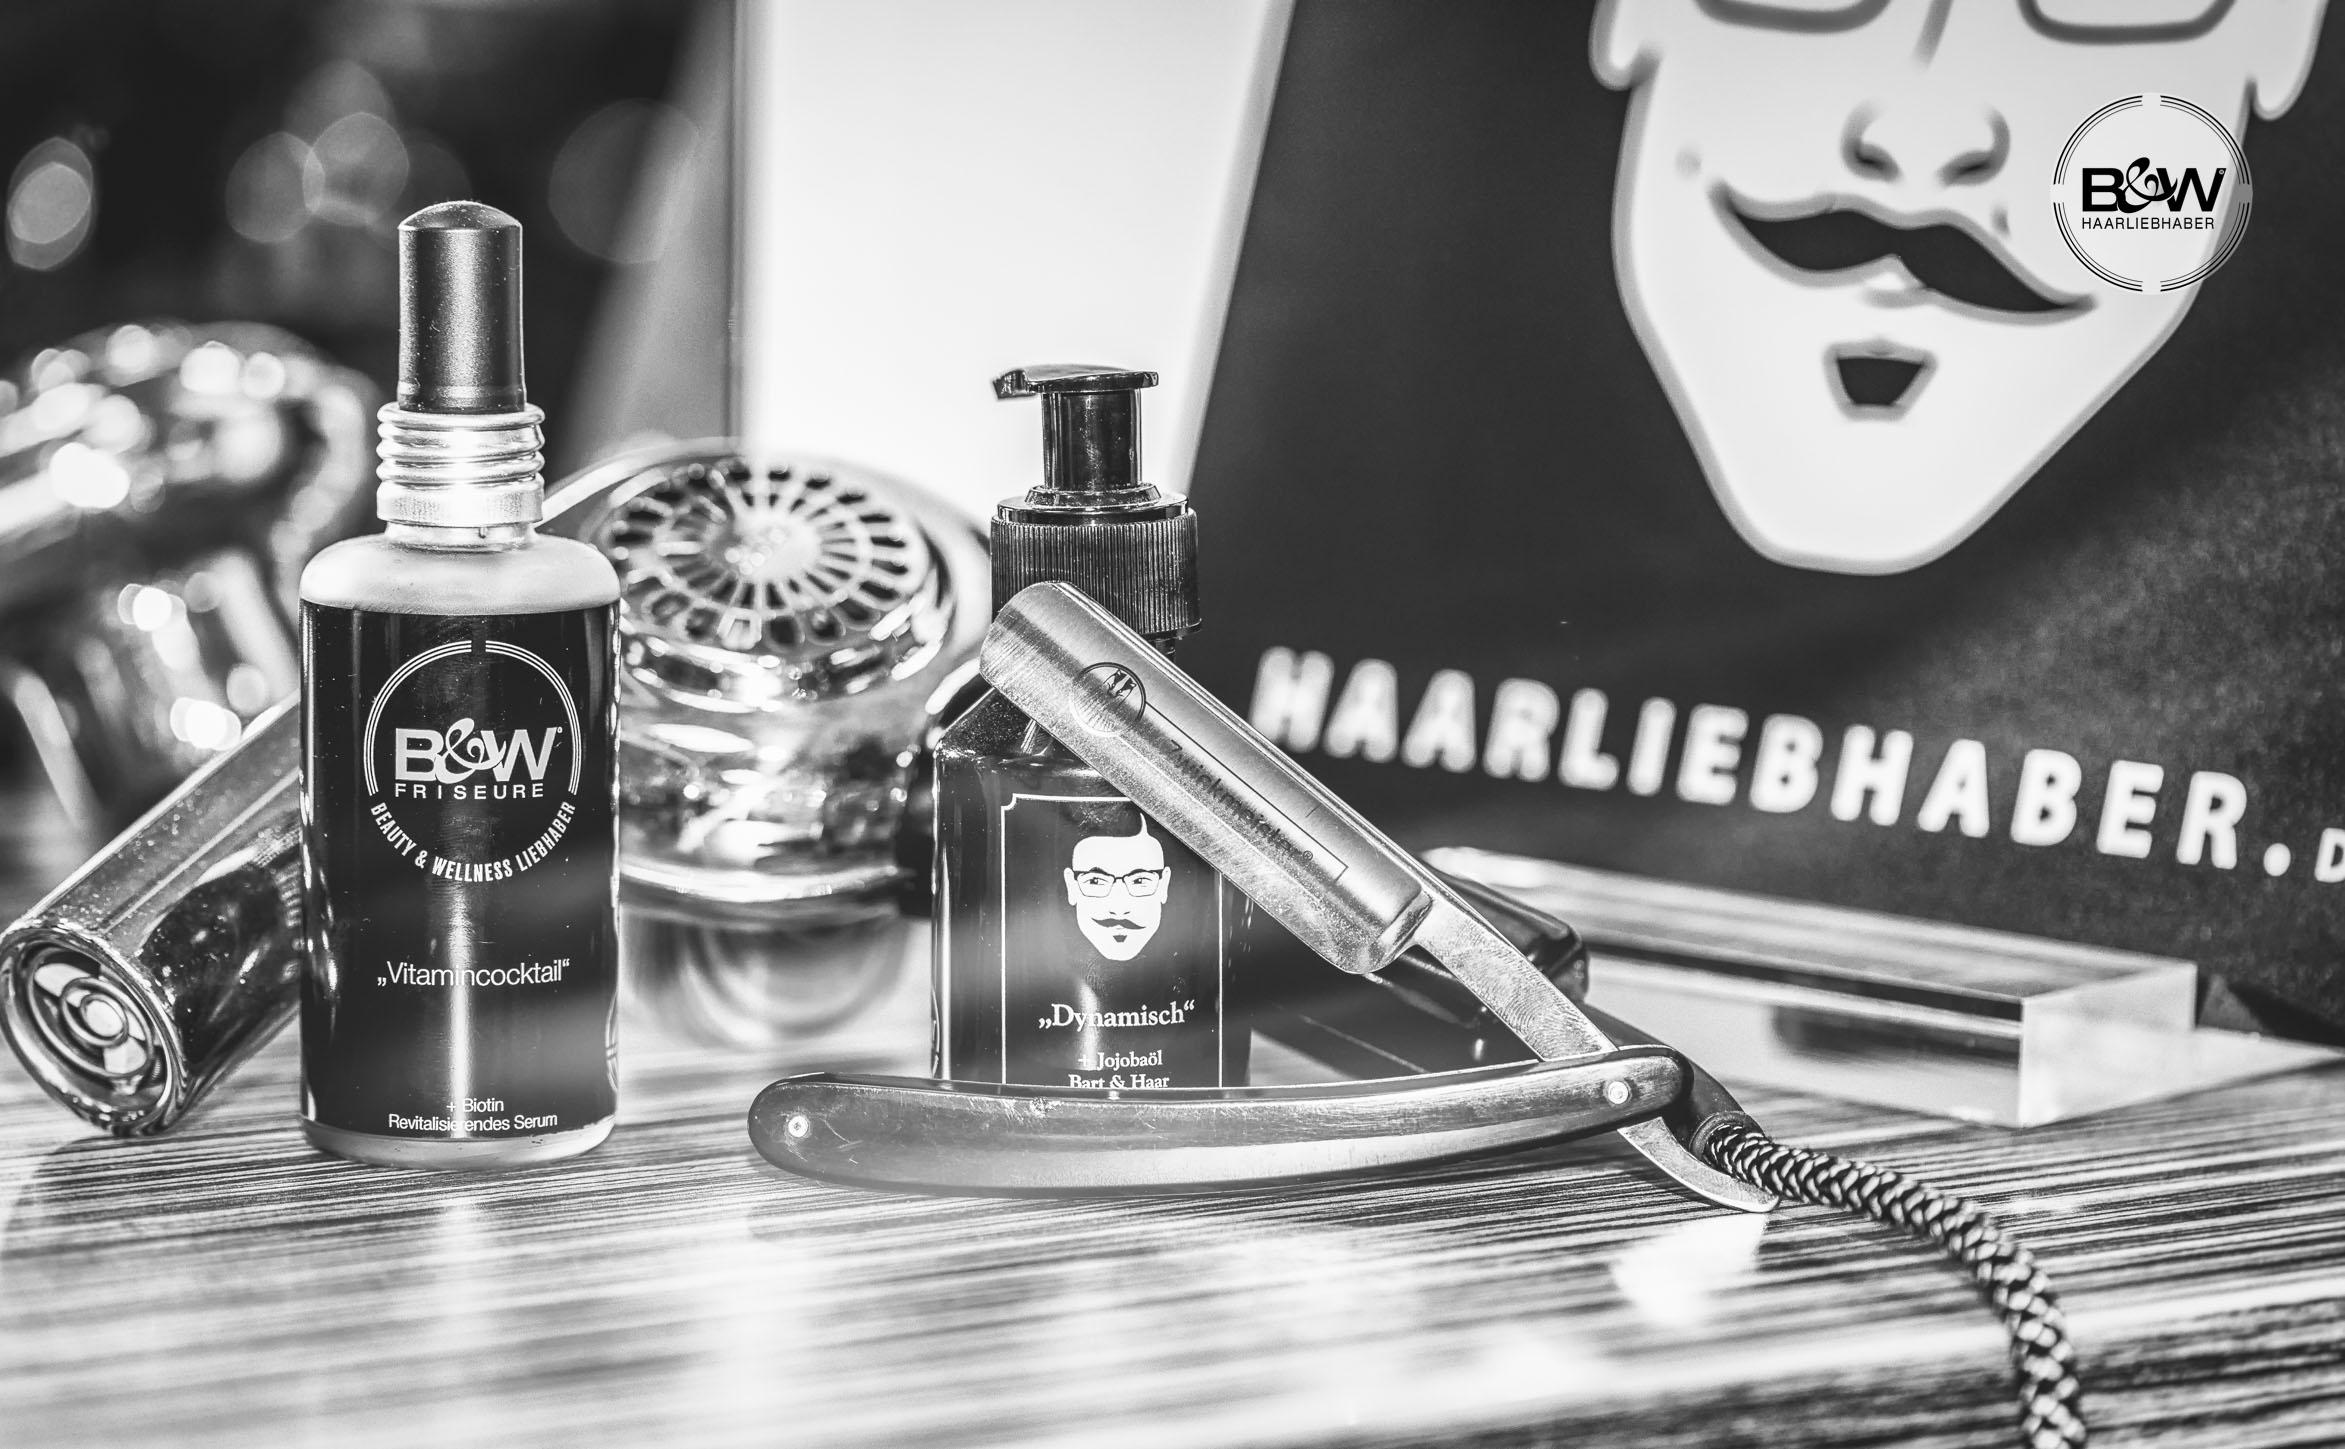 110_B&W-Friseure_Haarliebhaber_Friseur-Dortmund_Kosmetikprodukt_beste-Haarpflege_bester-Friseur_Malvins_at-malvins_Haar_styling_Deutschland_haarliebhaber